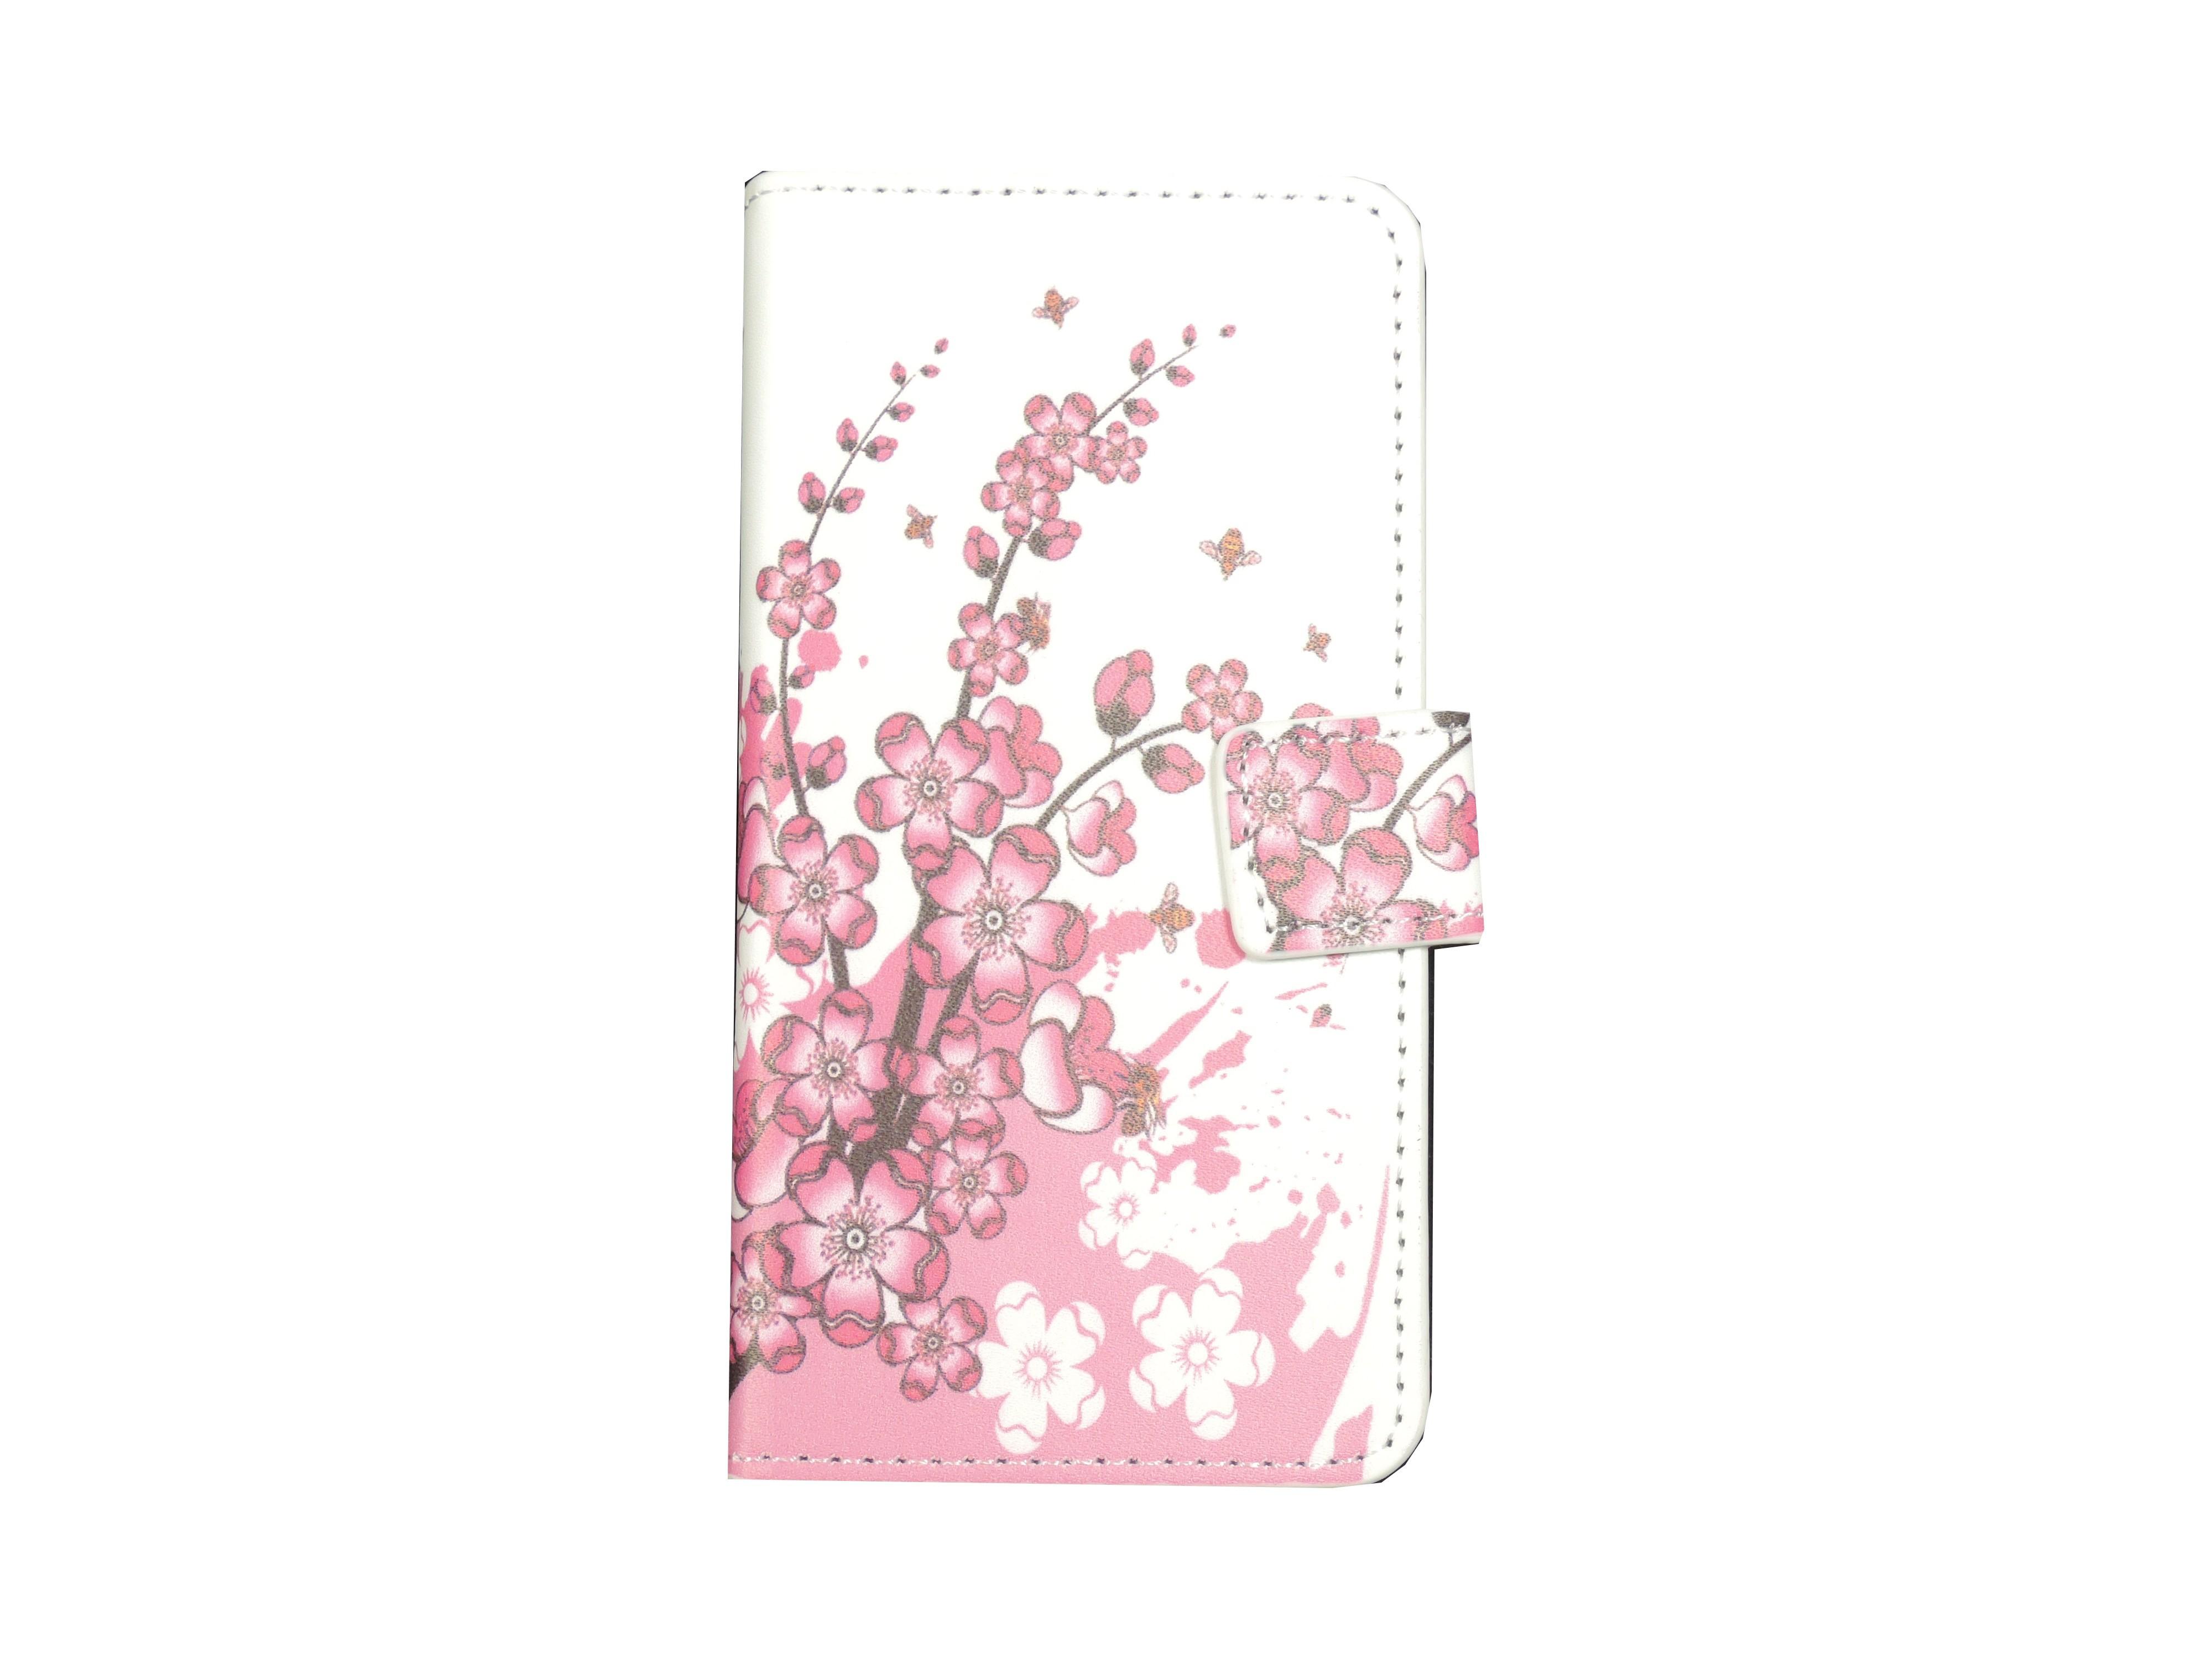 pochette pour samsung galaxy alpha g850 petites fleurs roses